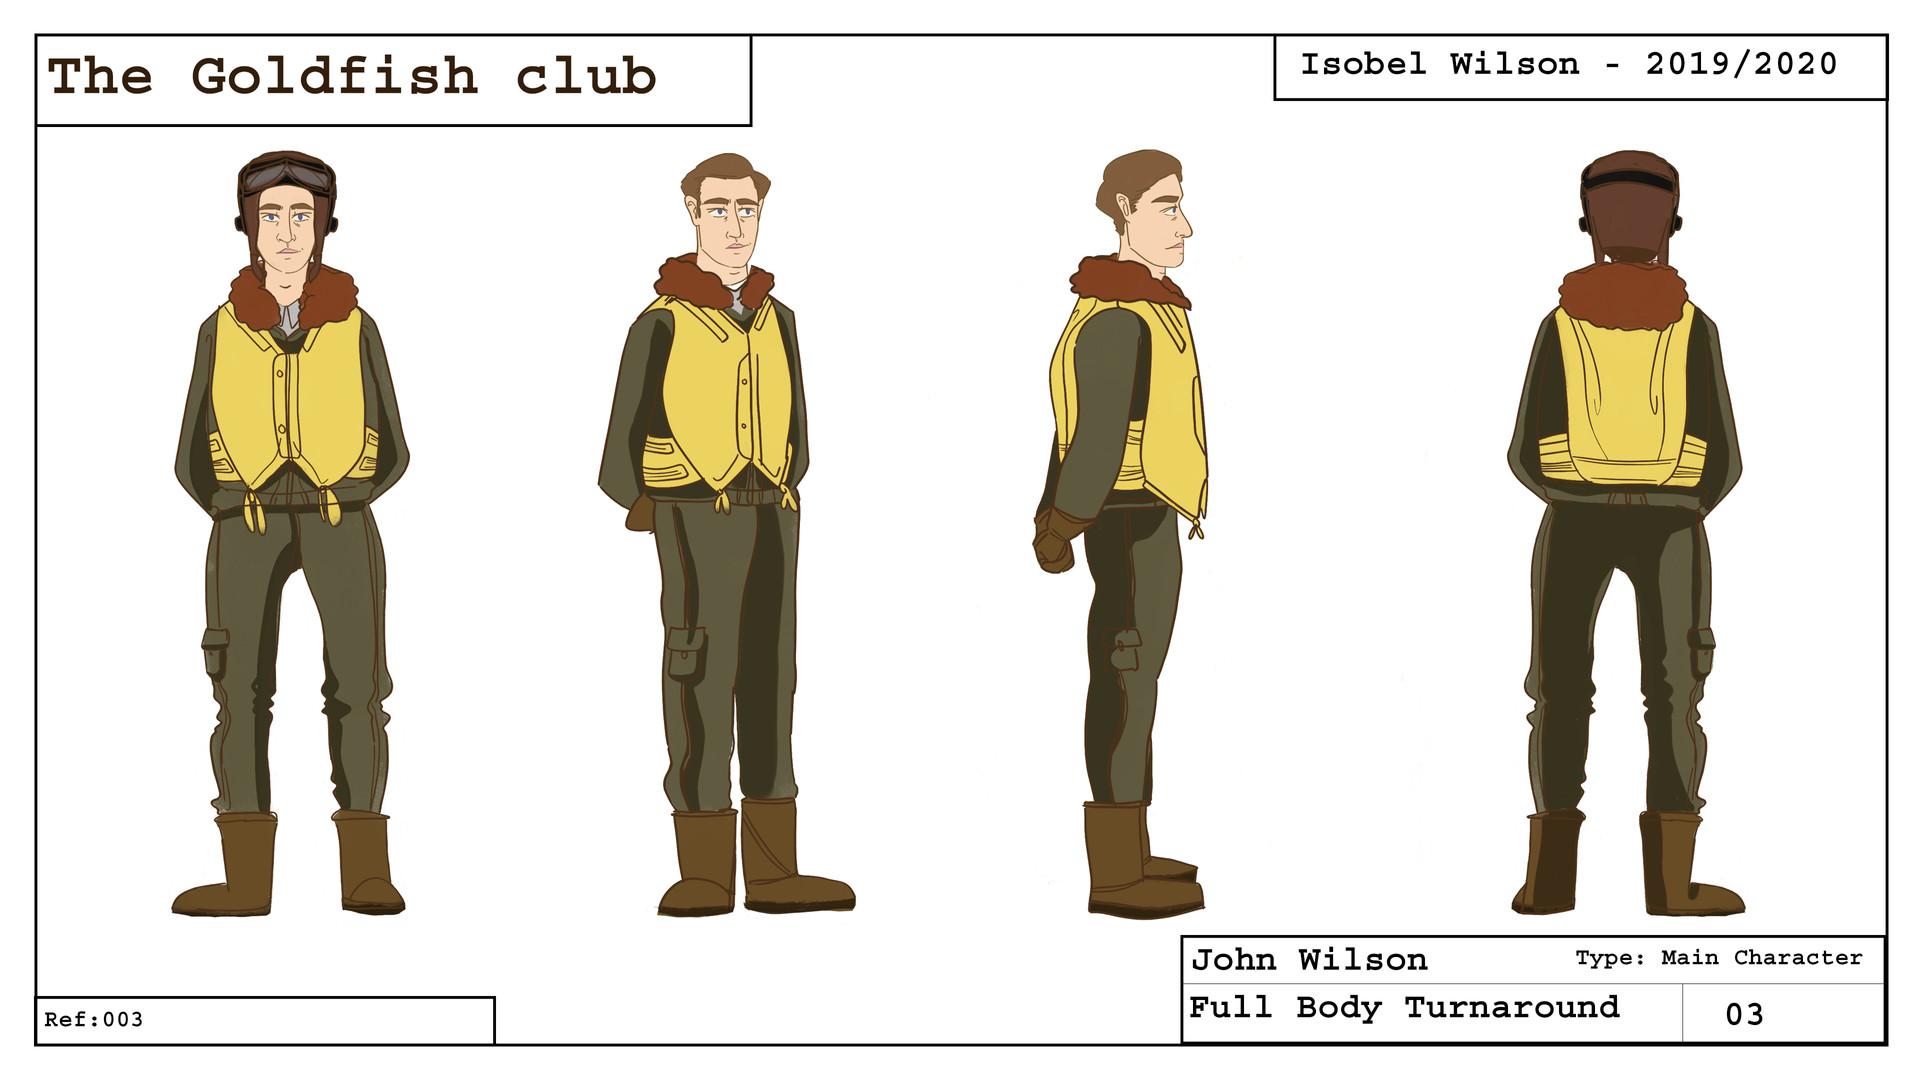 John - Character turnaround